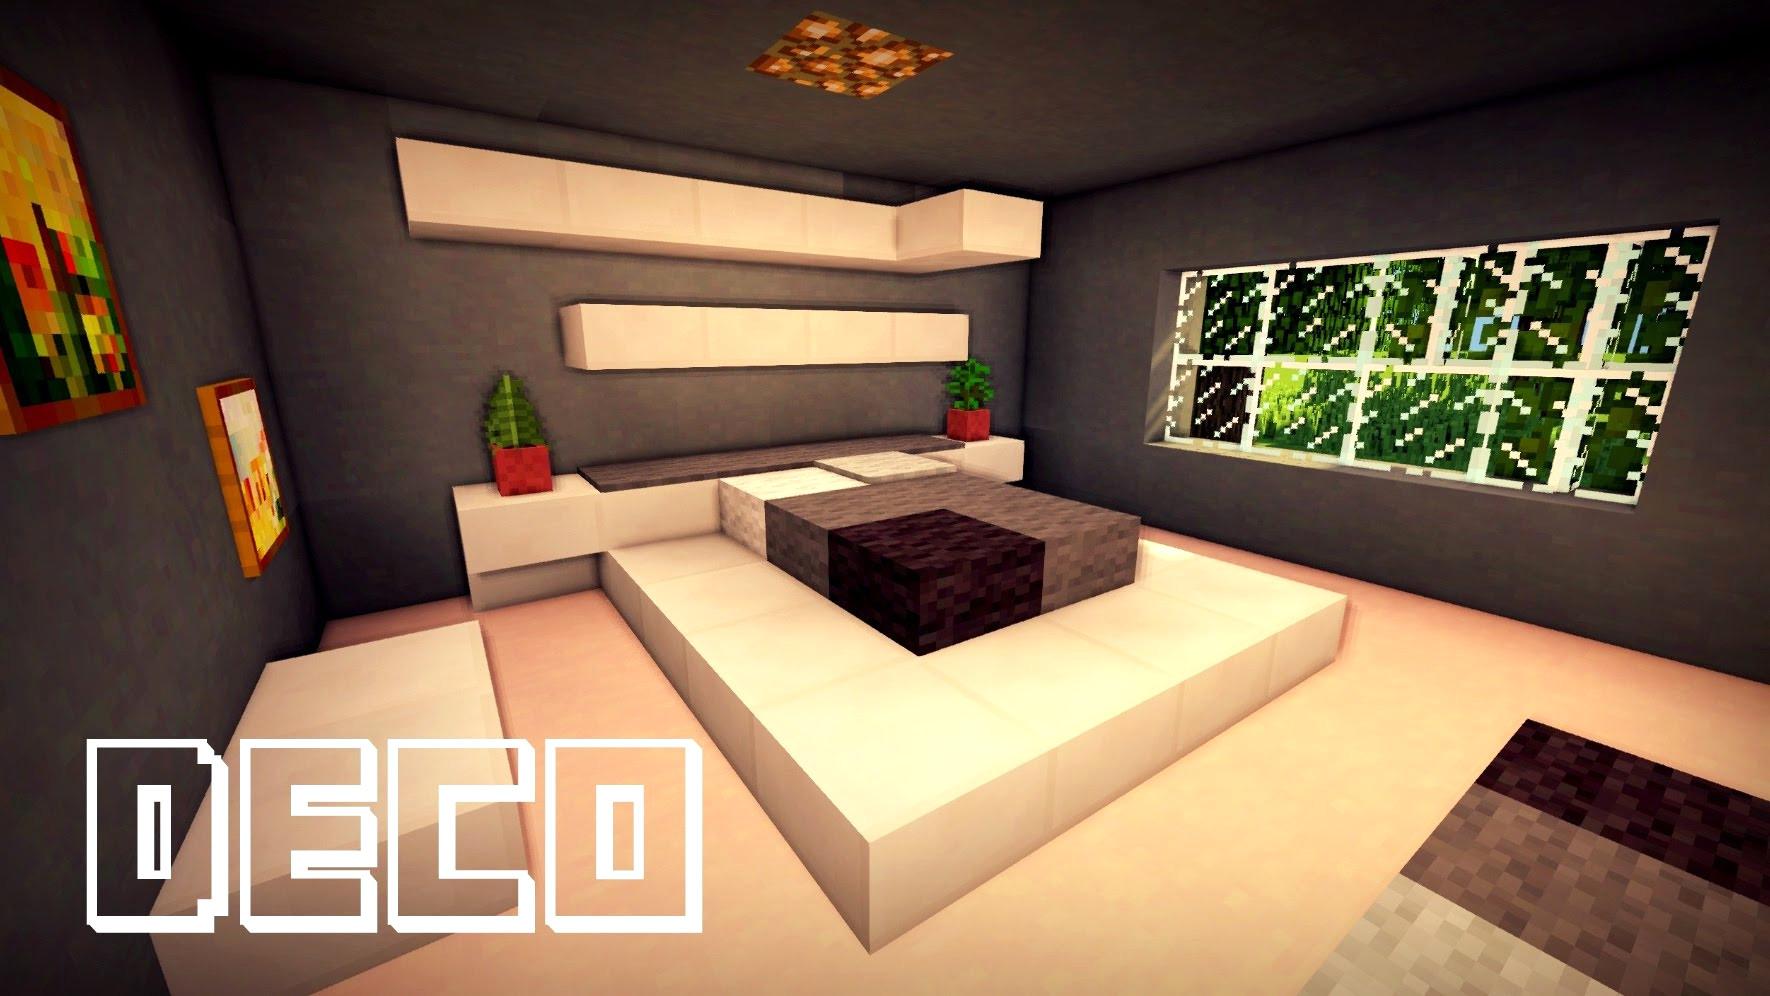 Salle De Bain Moderne Minecraft Nouveau Image Youtube Salle De Bain Idées Inspirées Pour La Maison Lexib